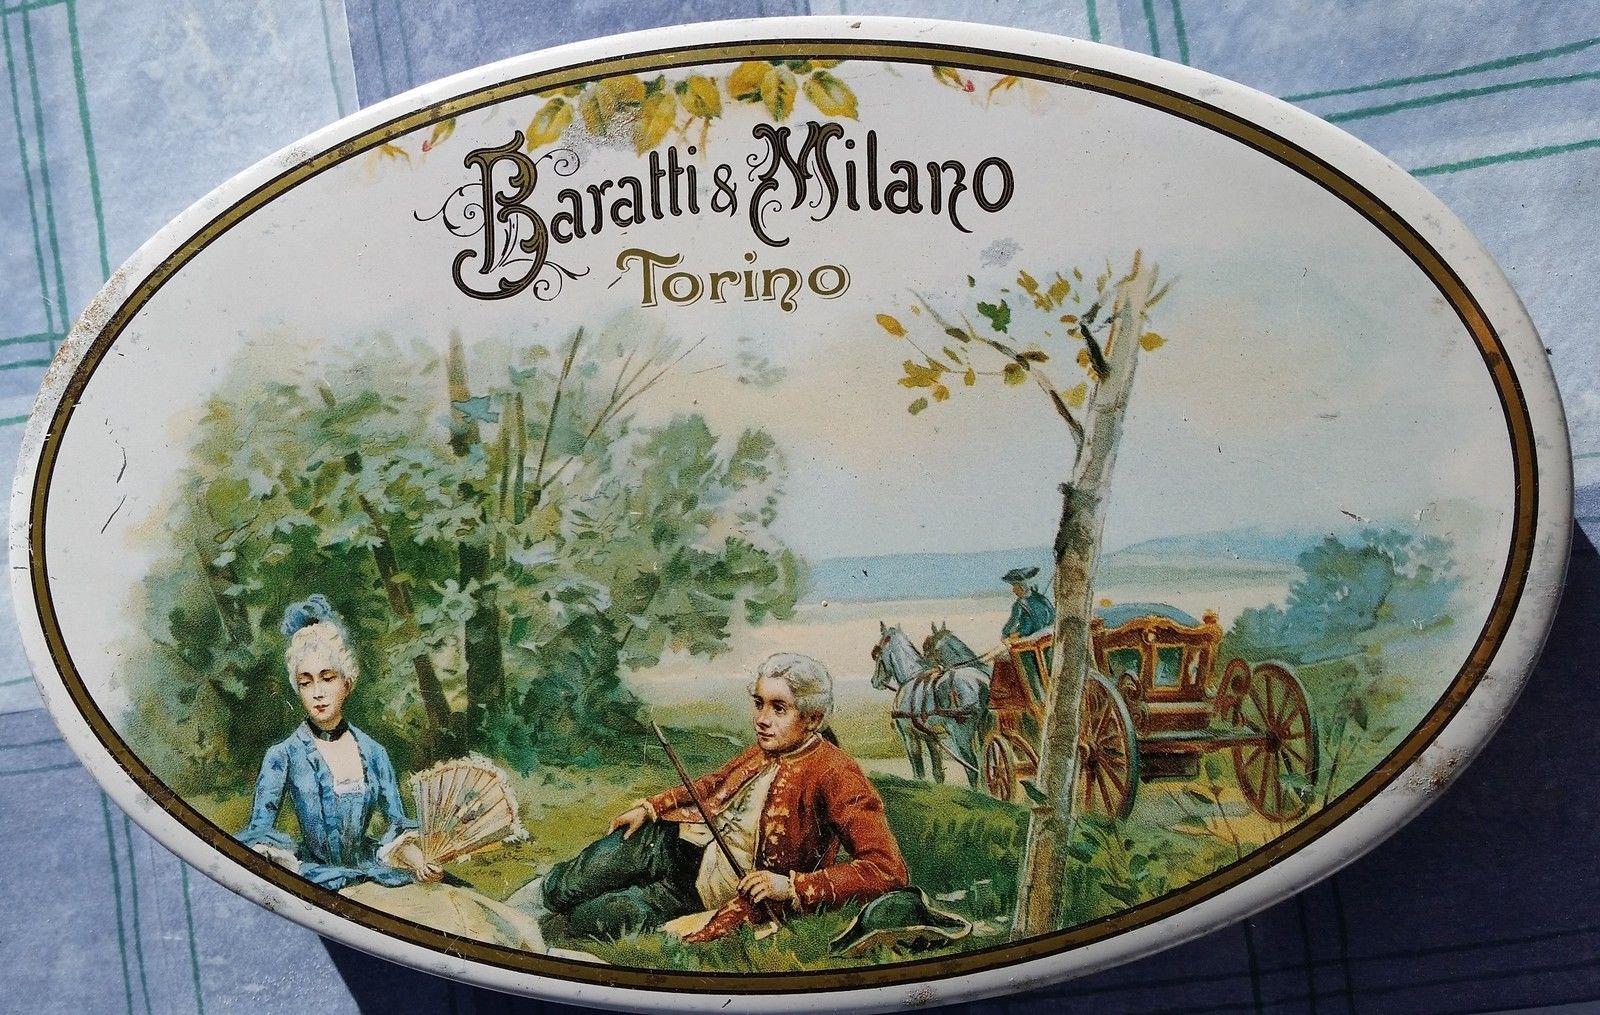 Scatola - Latta Baratti e MIlano